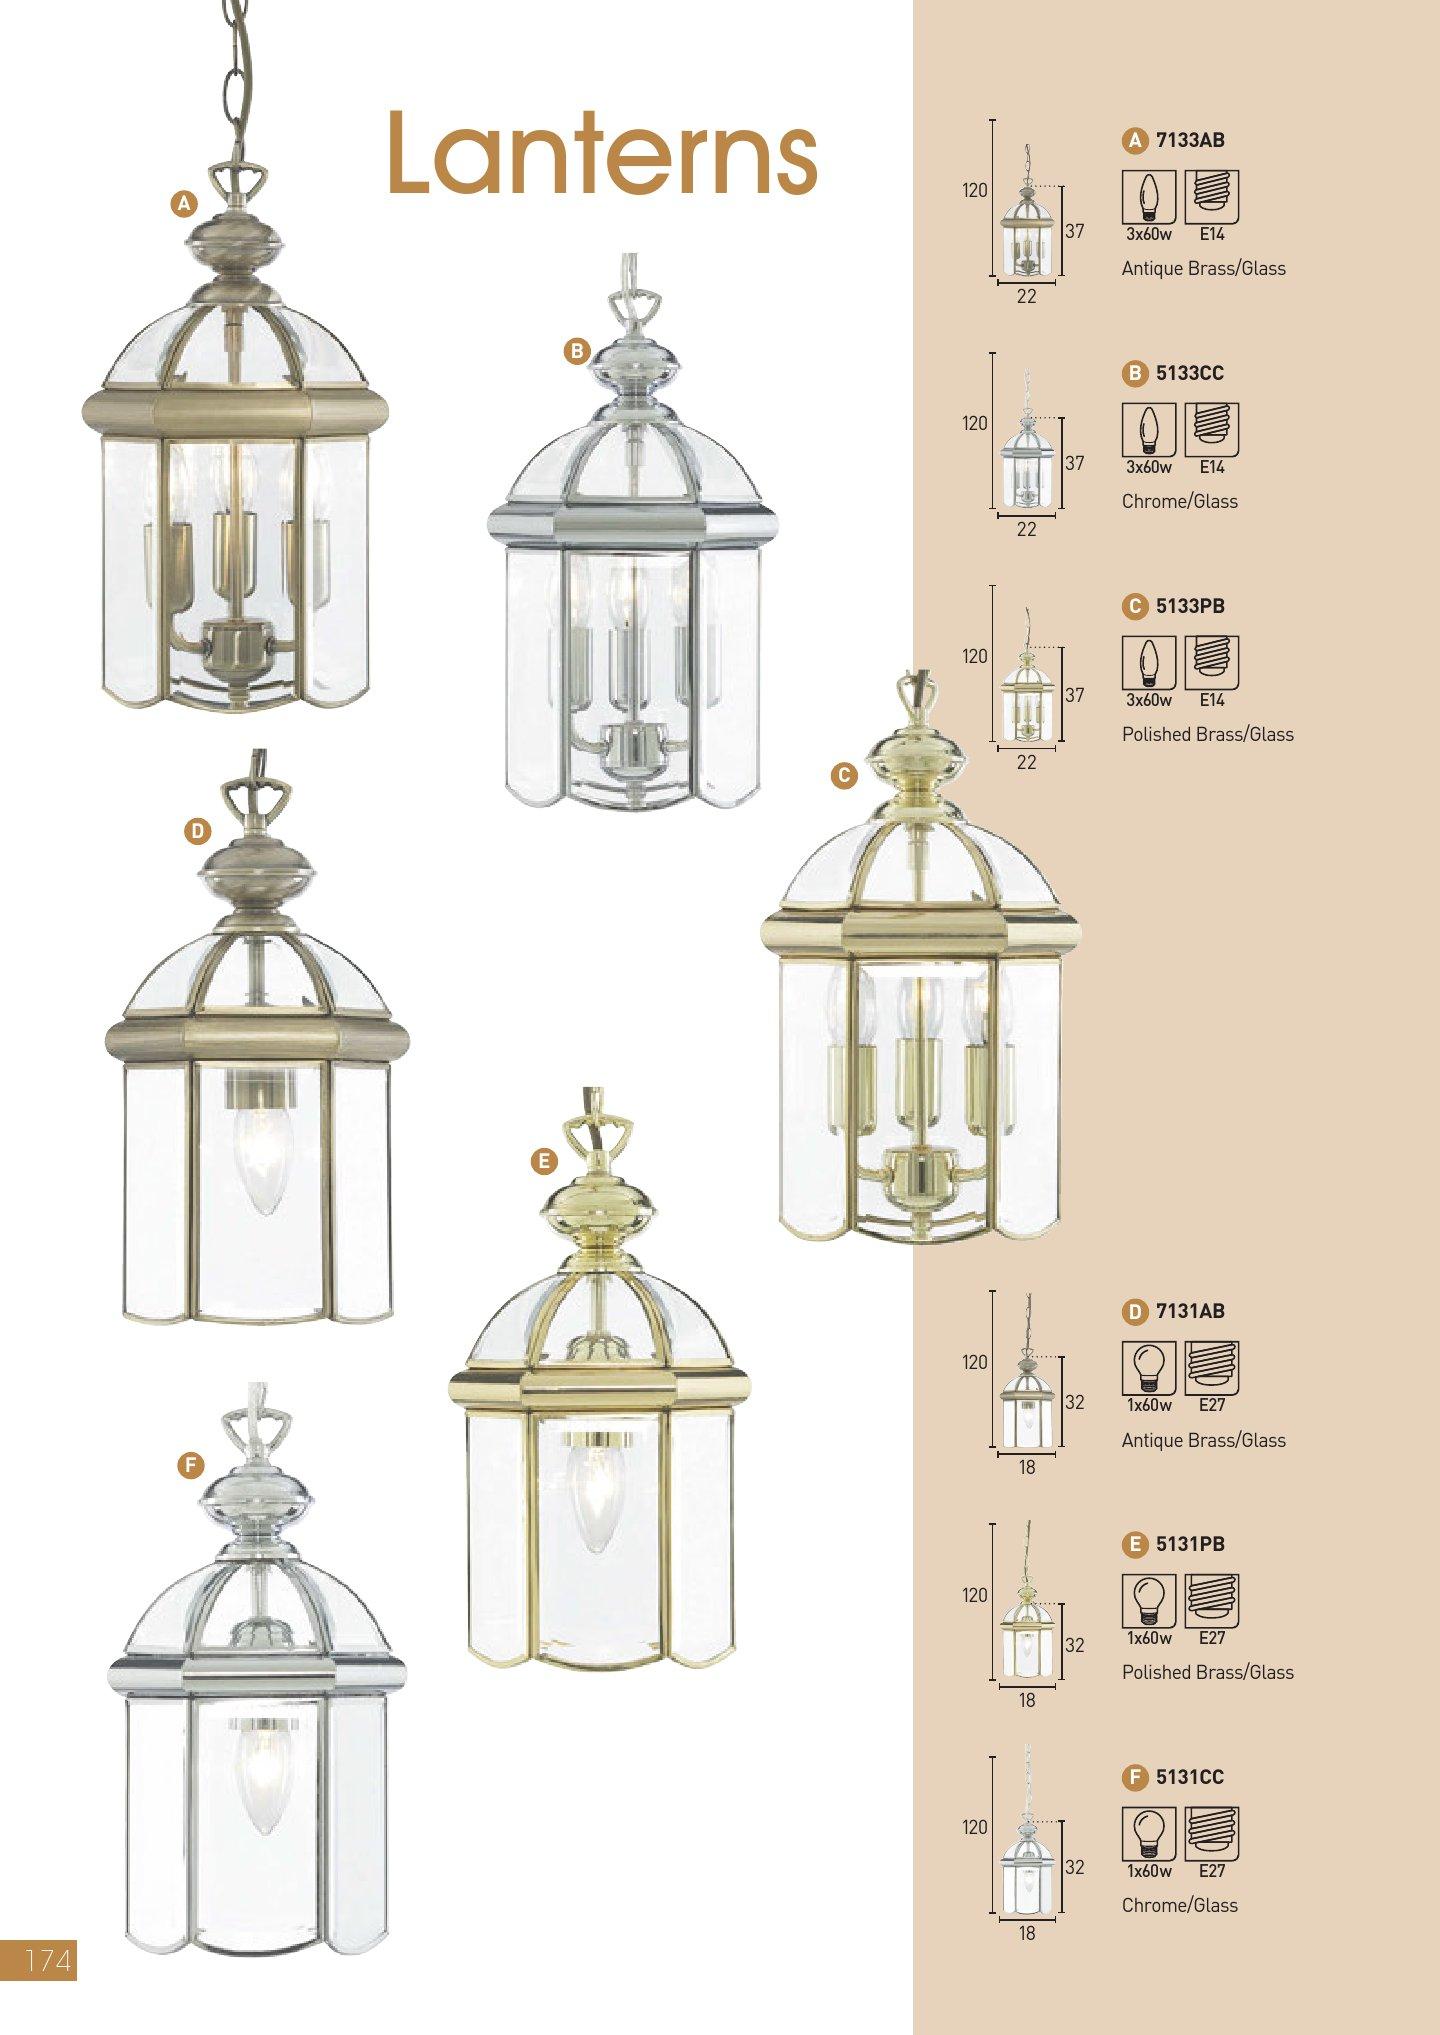 Lanterns 5131CC Cromo